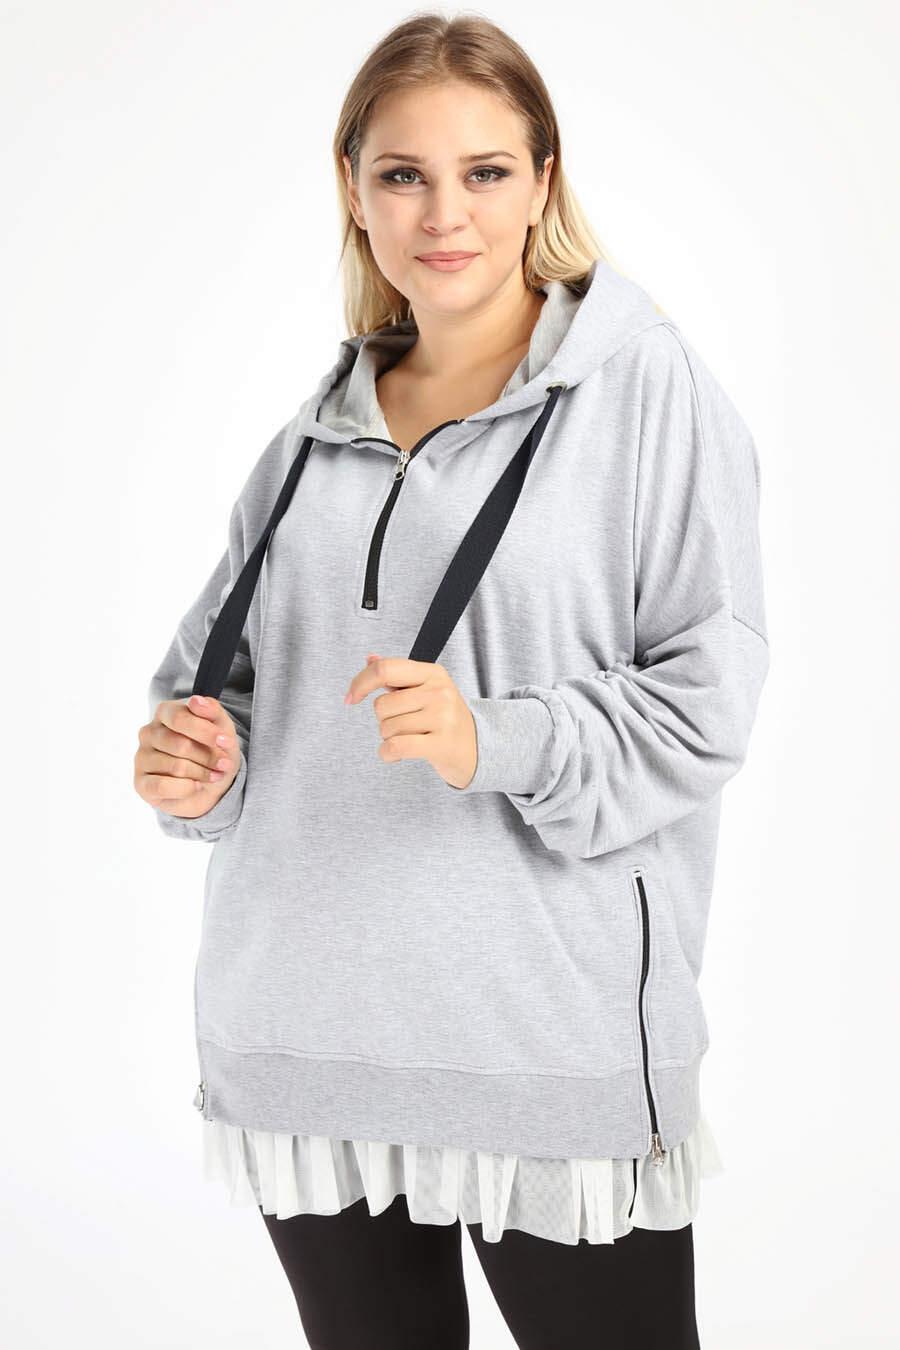 Angelino Büyük Beden Spor Giyim Altı Tül Tasarım Sweat Üst 2526